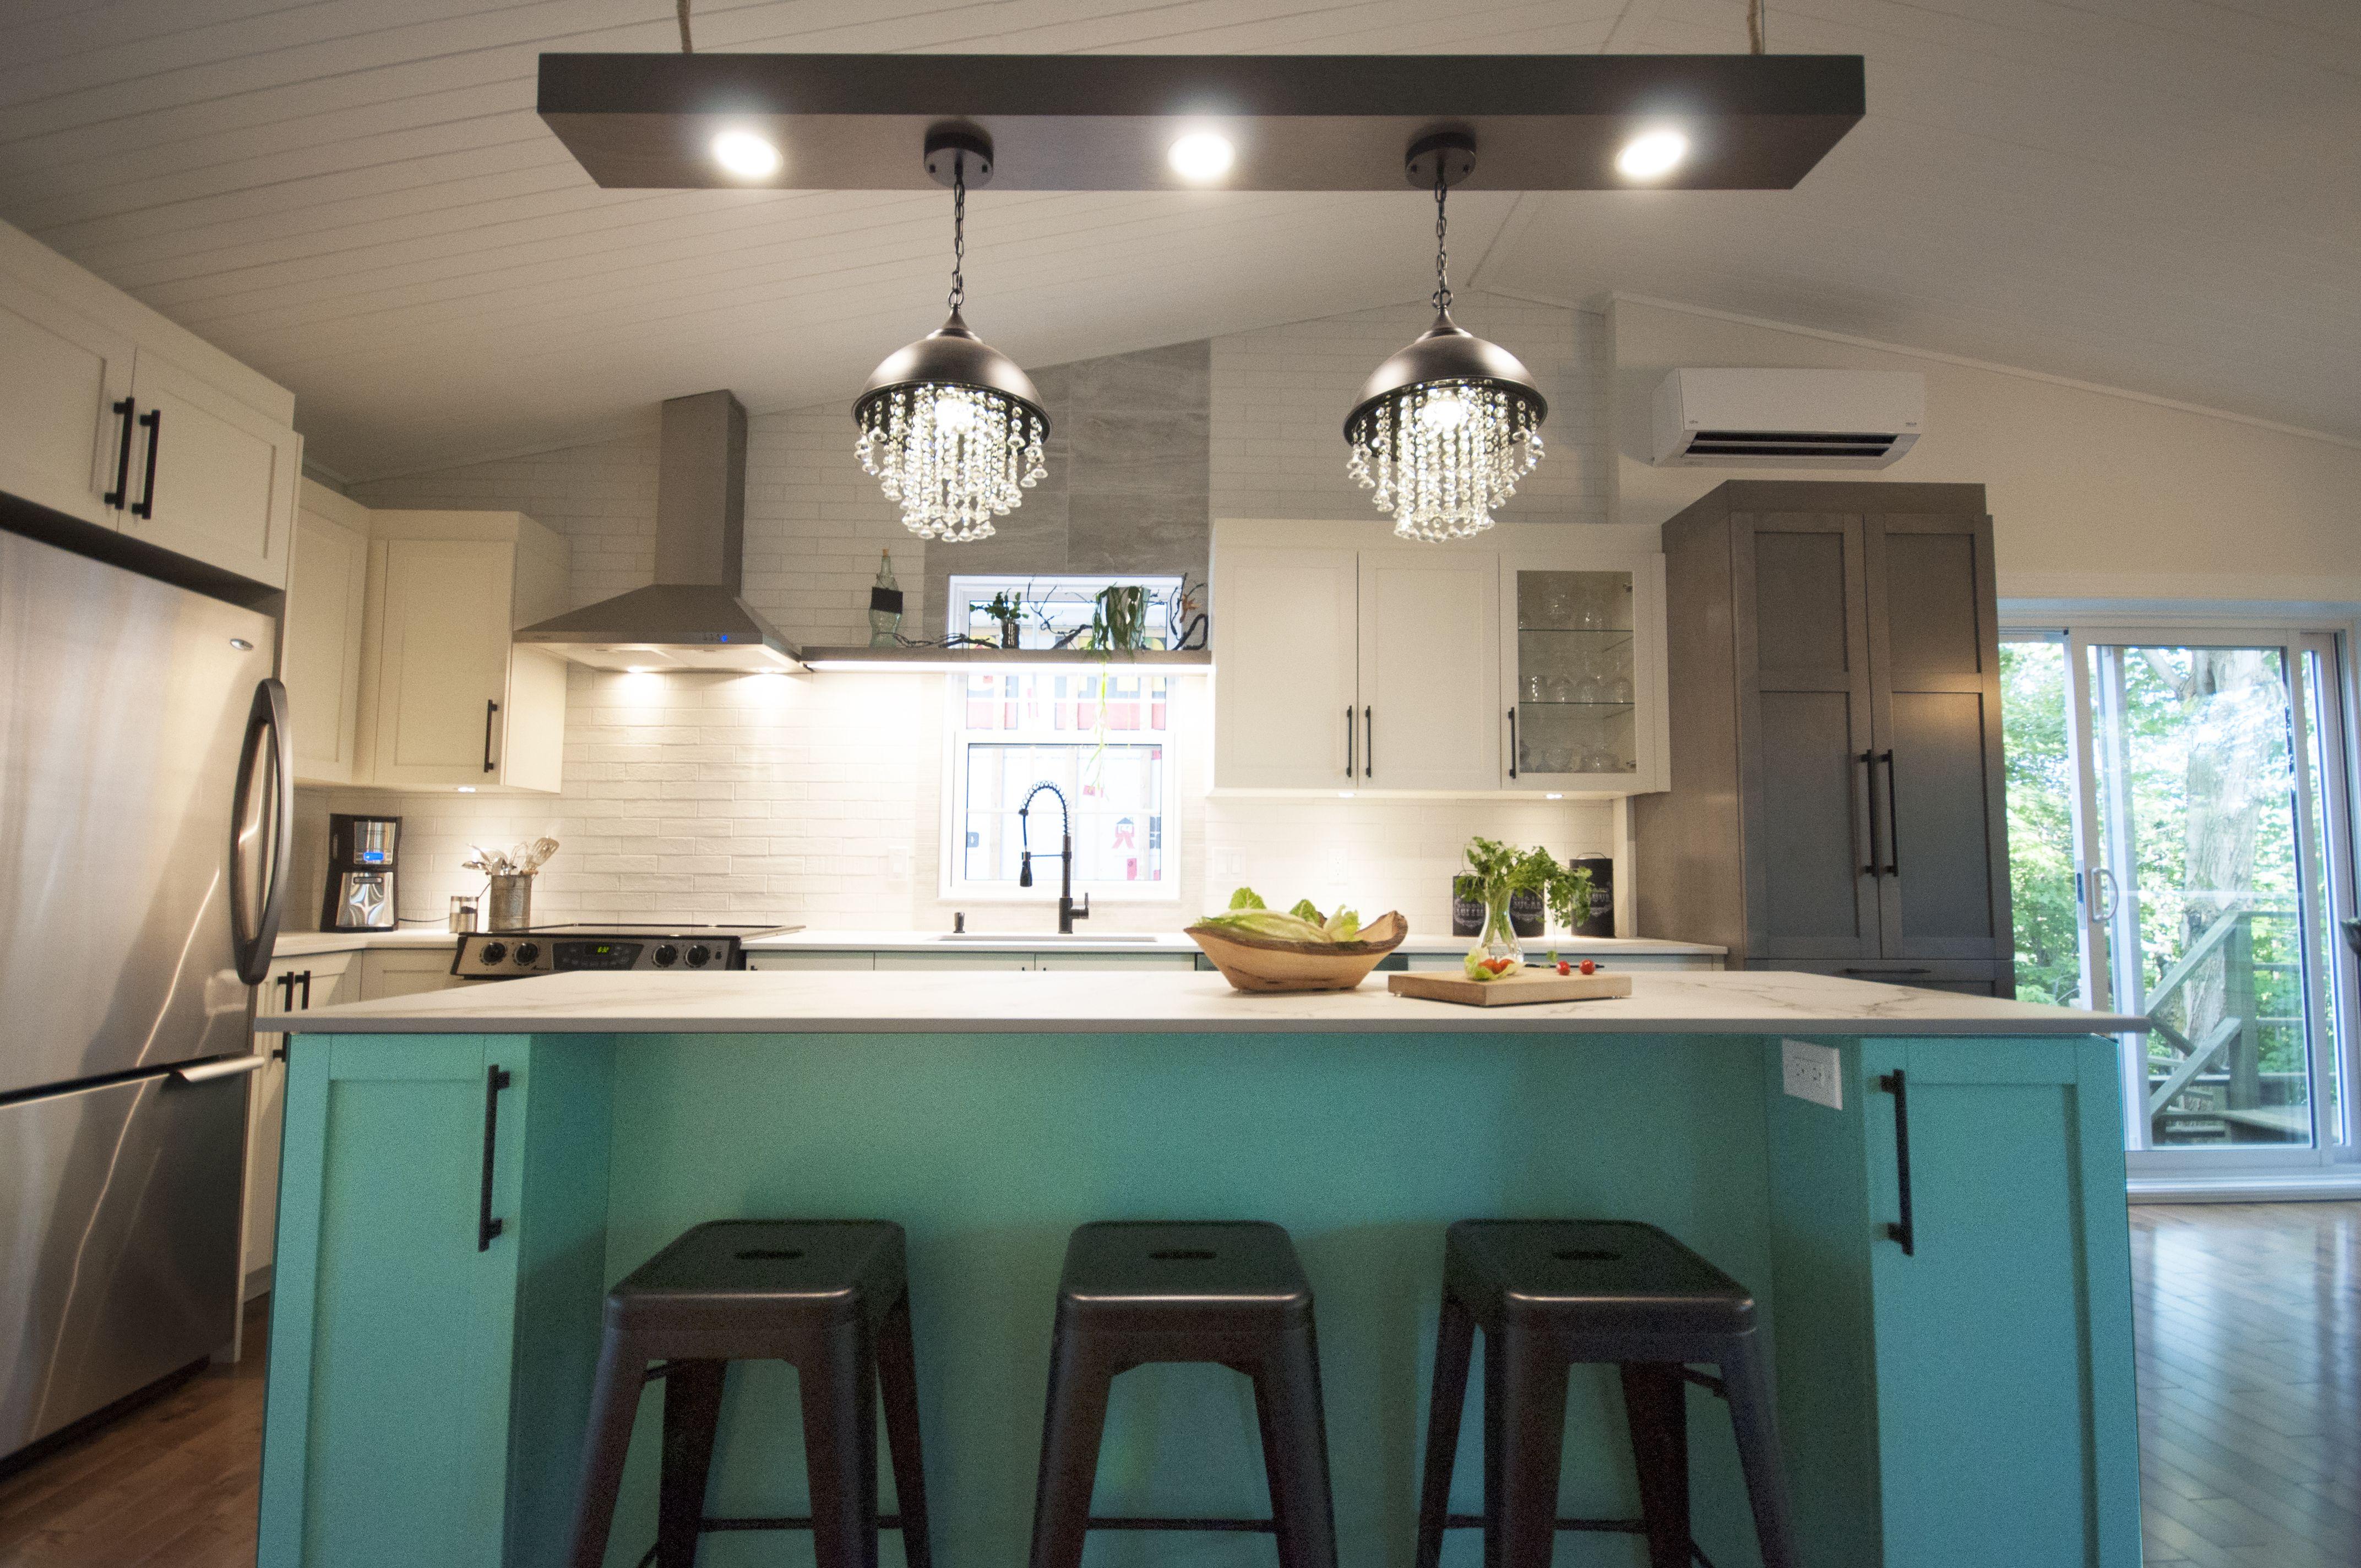 Cuisine Avec Ilot Turquoise In 2020 Design Kitchen Home Decor